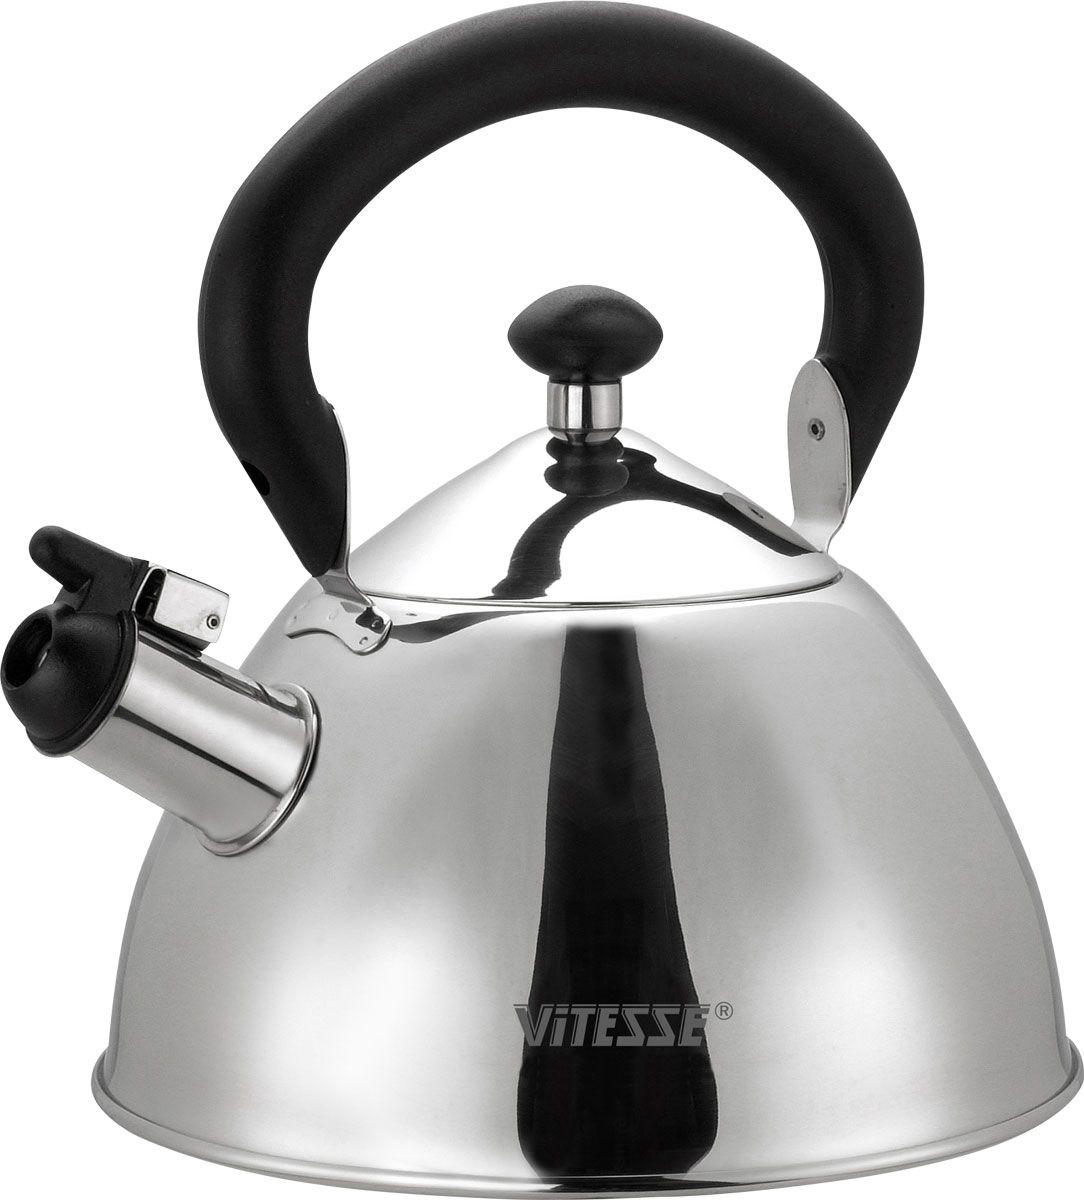 Чайник со свистком Vitesse Anouk, 2 лVS-1103Чайник Vitesse Anouk выполнен из высококачественной нержавеющей стали 18/10. Капсулированное дно с прослойкой из алюминия обеспечивает наилучшее распределение тепла. Носик чайника оснащен откидной насадкой-свистком, что позволит вам контролировать процесс подогрева или кипячения воды. Подвижная ручка чайника изготовлена из бакелита.Чайник Vitesse Anouk подходит для использования на всех типах плит. Также изделие можно мыть в посудомоечной машине. Характеристики: Материал: нержавеющая сталь 18/10, бакелит.Диаметр основания чайника: 20 см.Высота чайника (с учетом крышки и ручки):22,5 см.Объем:2 л.Размер упаковки:20,5 см х 17 см х 20,5 см. Артикул:VS-1103.Кухонная посуда марки Vitesseиз нержавеющей стали 18/10 предоставит вам все необходимое для получения удовольствия от приготовления пищи и принесет радость от его результатов. Посуда Vitesse обладает выдающимися функциональными свойствами. Легкие в уходе кастрюли и сковородки имеют плотно закрывающиеся крышки, которые дают возможность готовить с малым количеством воды и экономией энергии, и идеально подходят для всех видов плит: газовых, электрических, стеклокерамических и индукционных. Конструкция дна посуды гарантирует быстрое поглощение тепла, его равномерное распределение и сохранение. Великолепно отполированная поверхность, а также многочисленные конструктивные новшества, заложенные во все изделия Vitesse, позволит вам открыть новые горизонты приготовления уже знакомых блюд. Для производства посуды Vitesseиспользуются только высококачественные материалы, которые соответствуют международным стандартам.